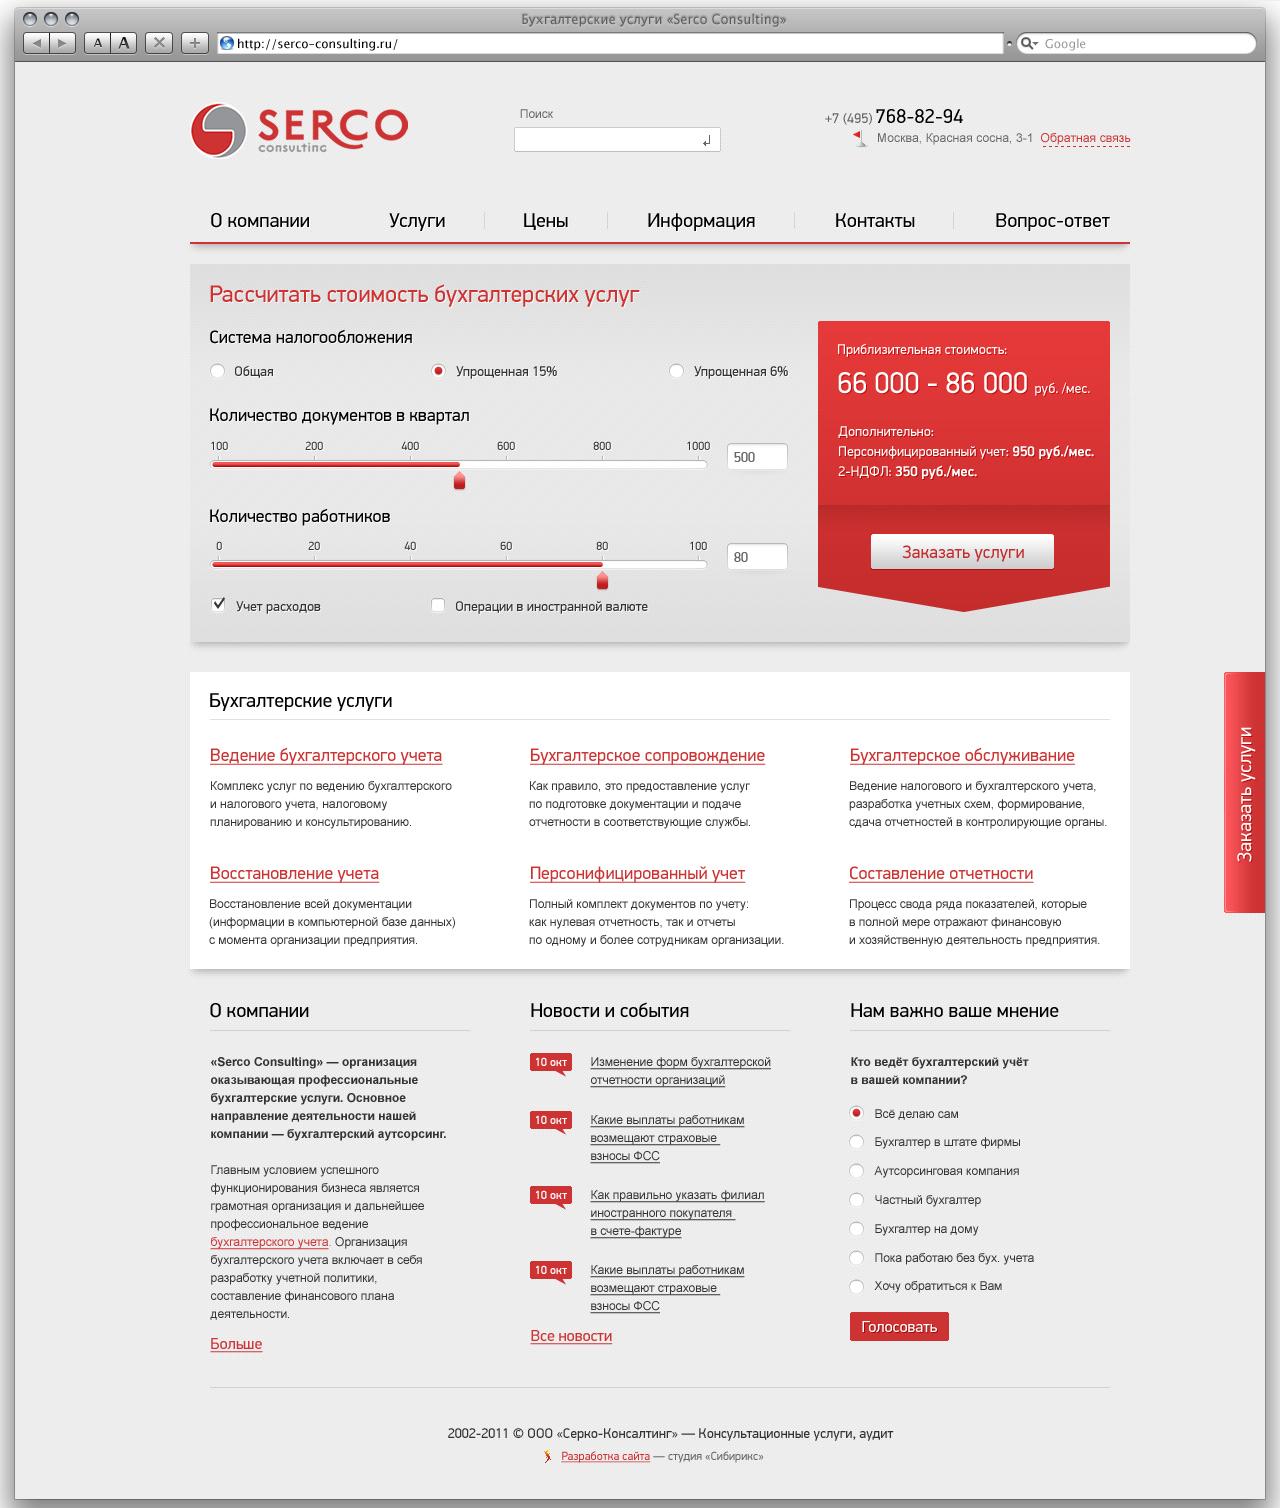 Бухгалтерский учет страховых организациях план счетов 24 фотография